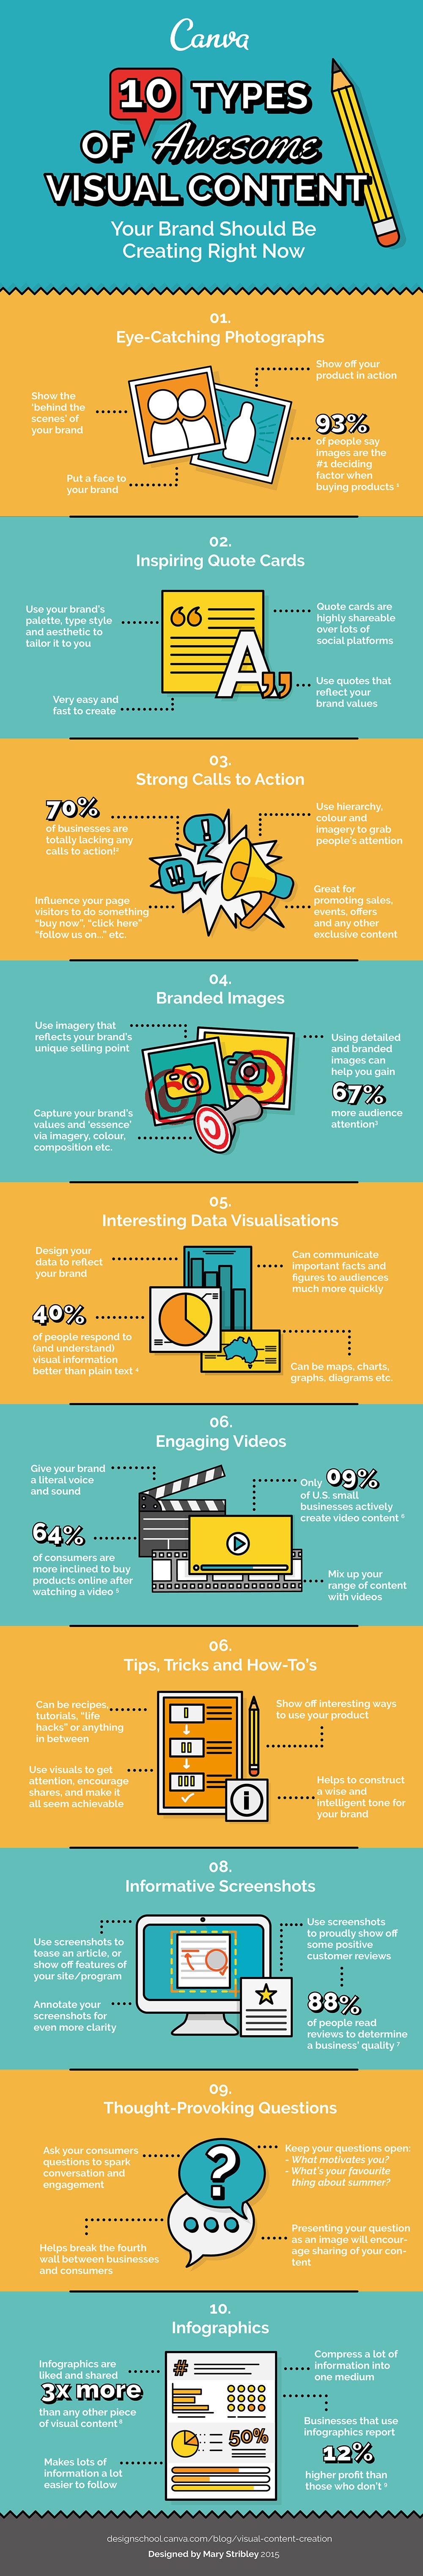 10 tipos de contenido visual que mejorarán tu engagement en social media